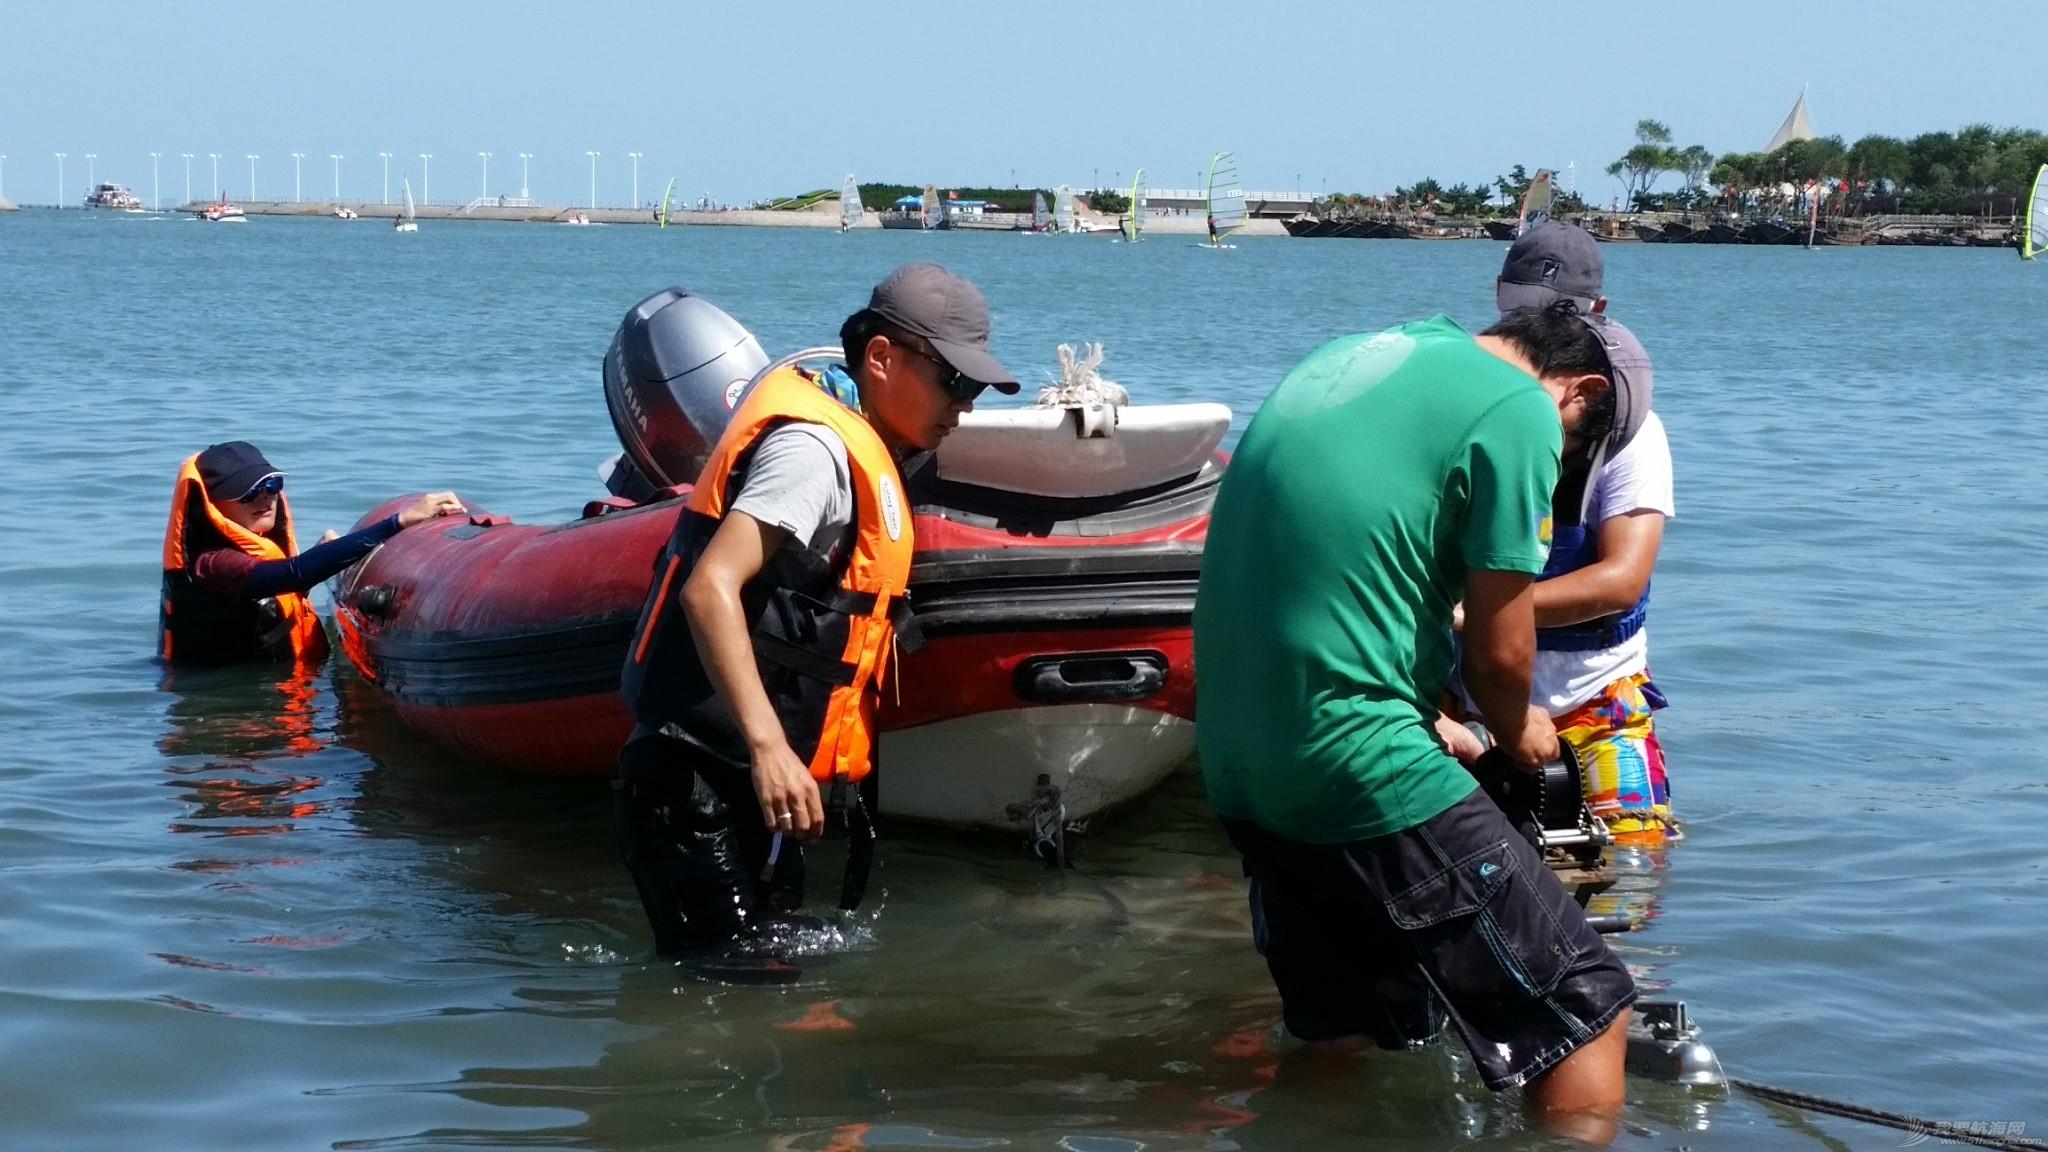 水上运动,帆船运动,冷空气,志愿者,徐莉佳 日照帆船第48期作业(附航海急救包) 20160827_134440.jpg